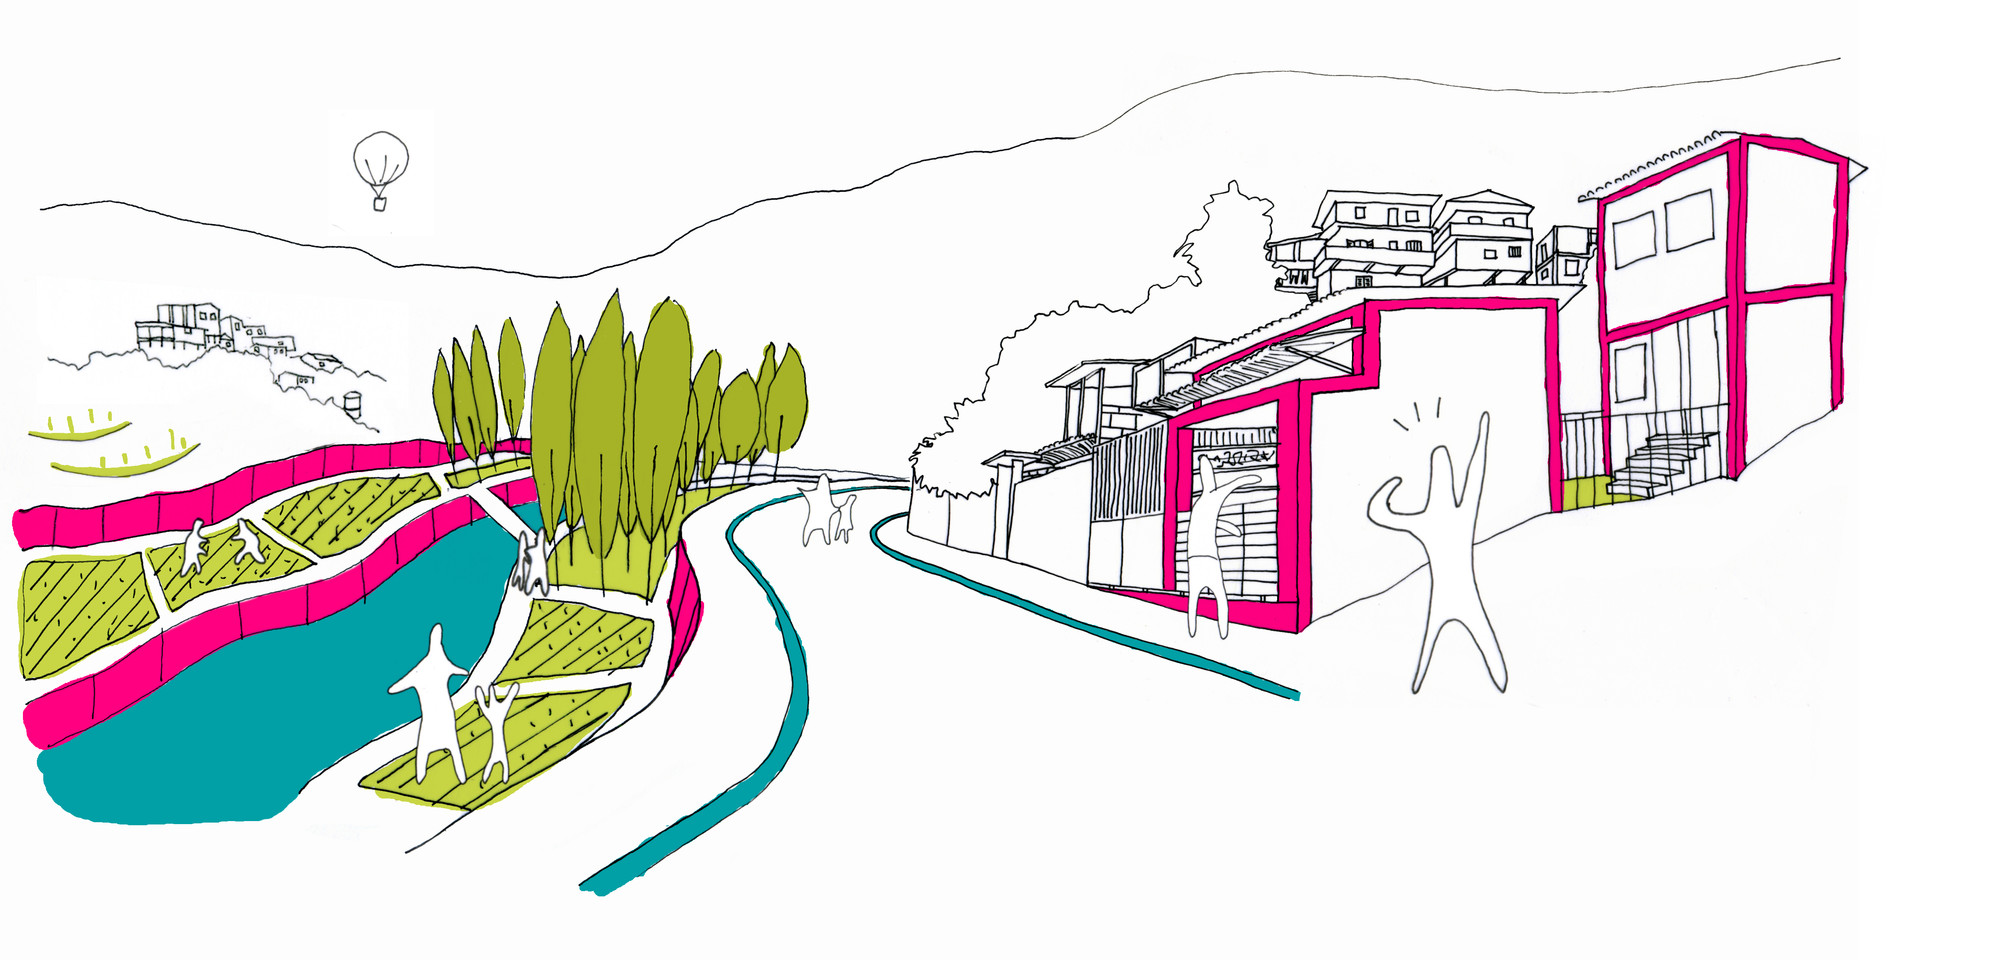 Cortesia de López/ Castellanos arquitectura